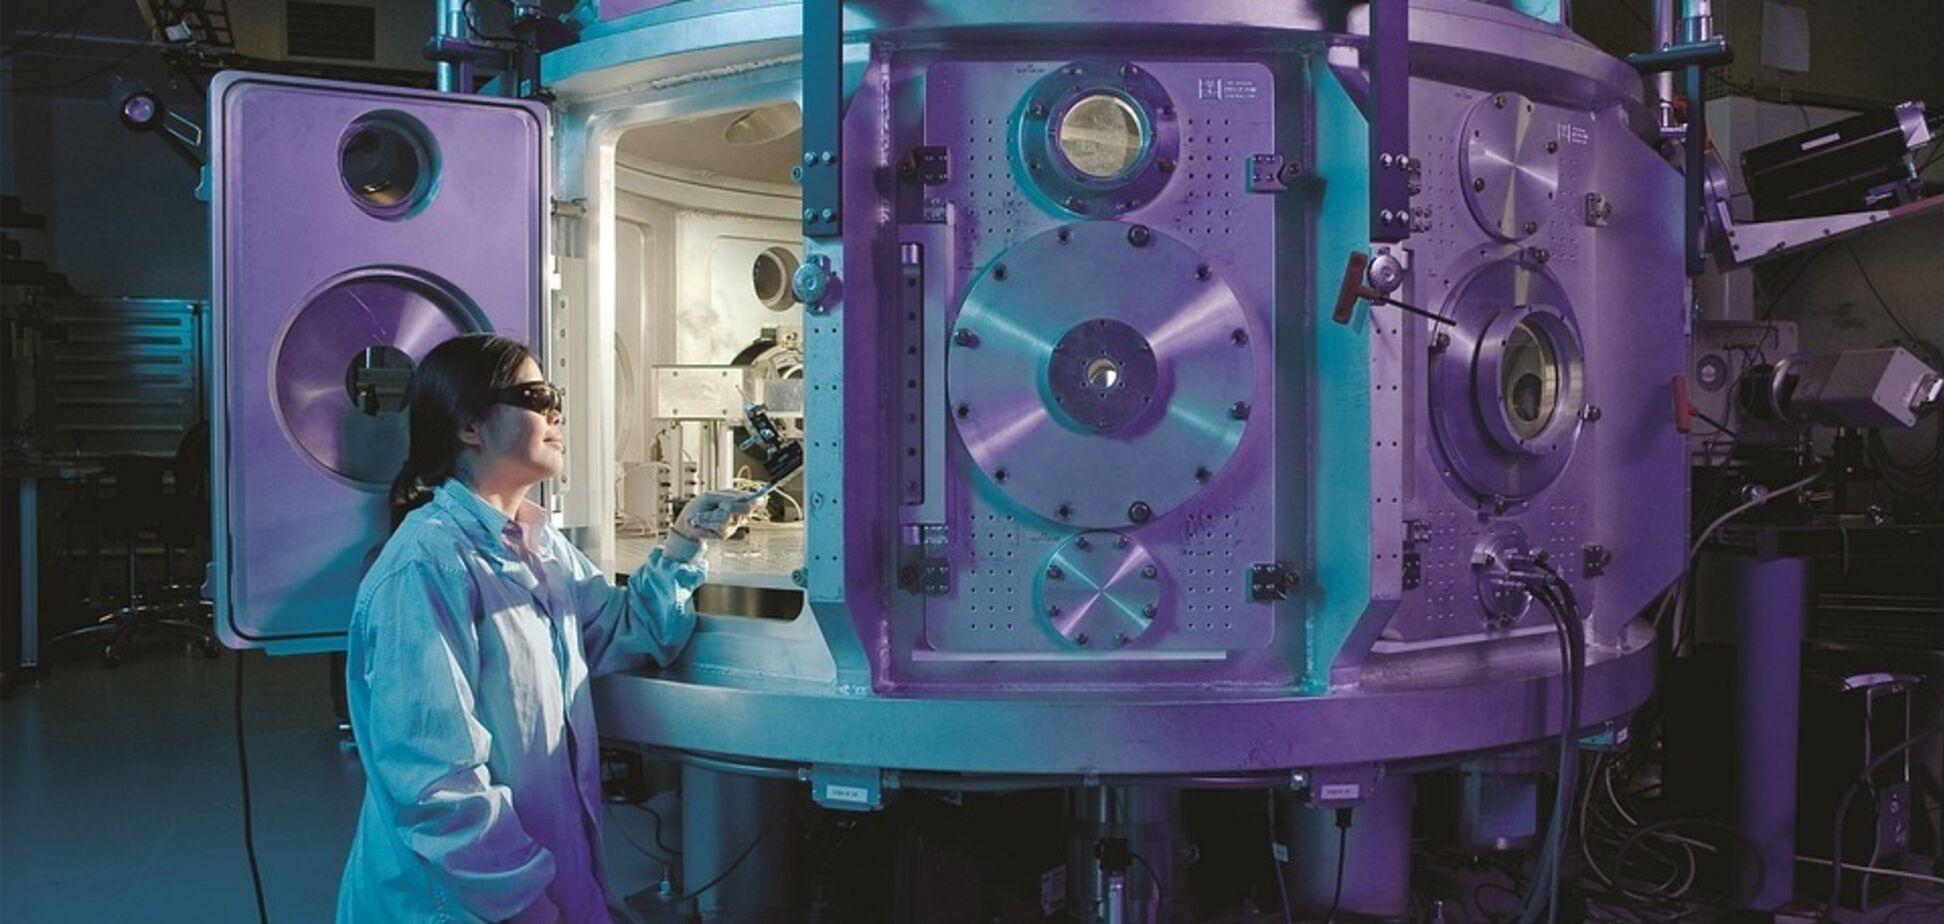 У биолабораторий будет самый высокий уровень защиты – BSL-4